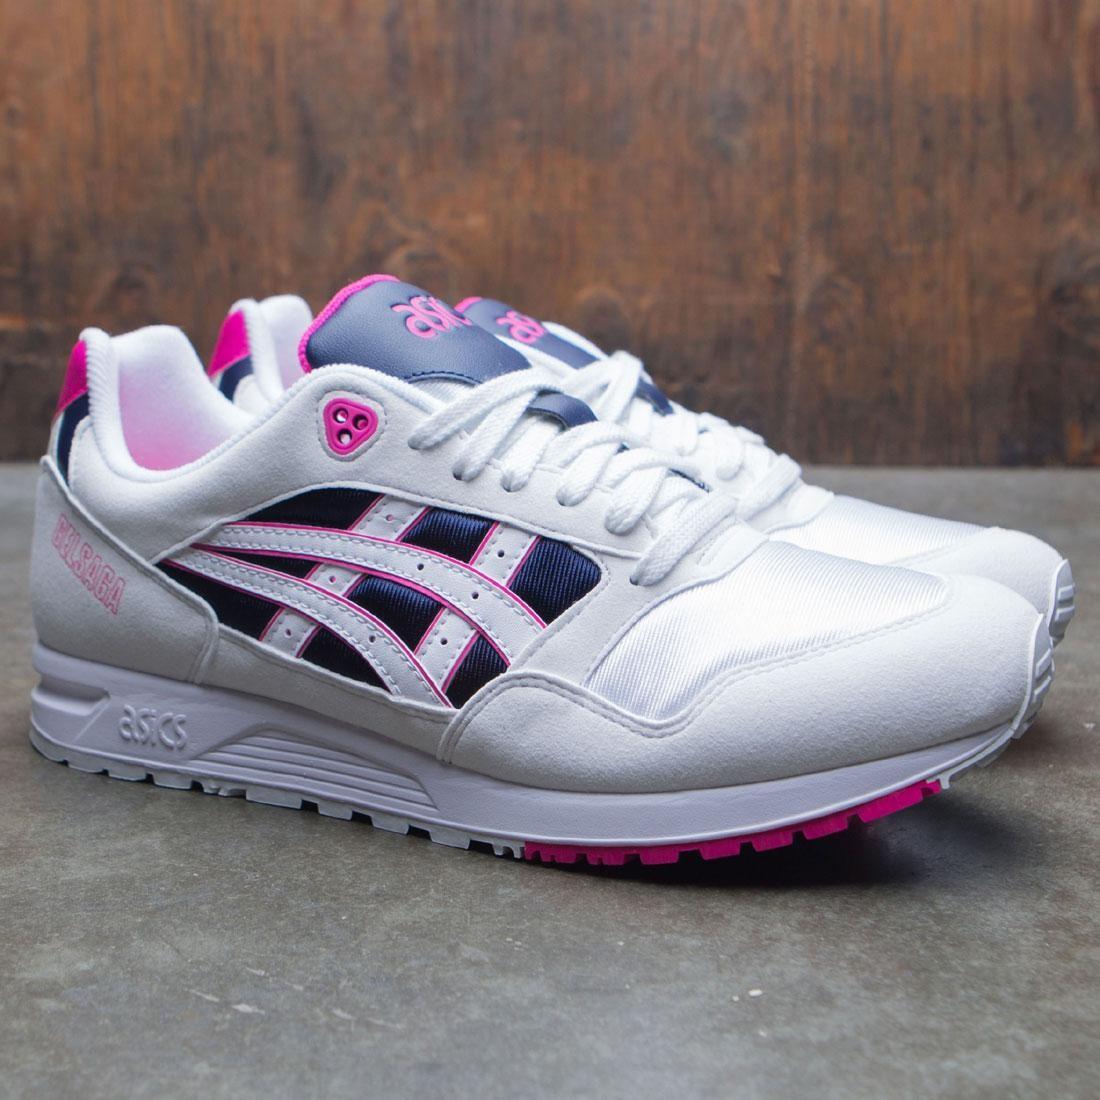 Asics Tiger Men Gel-Saga white pink glow